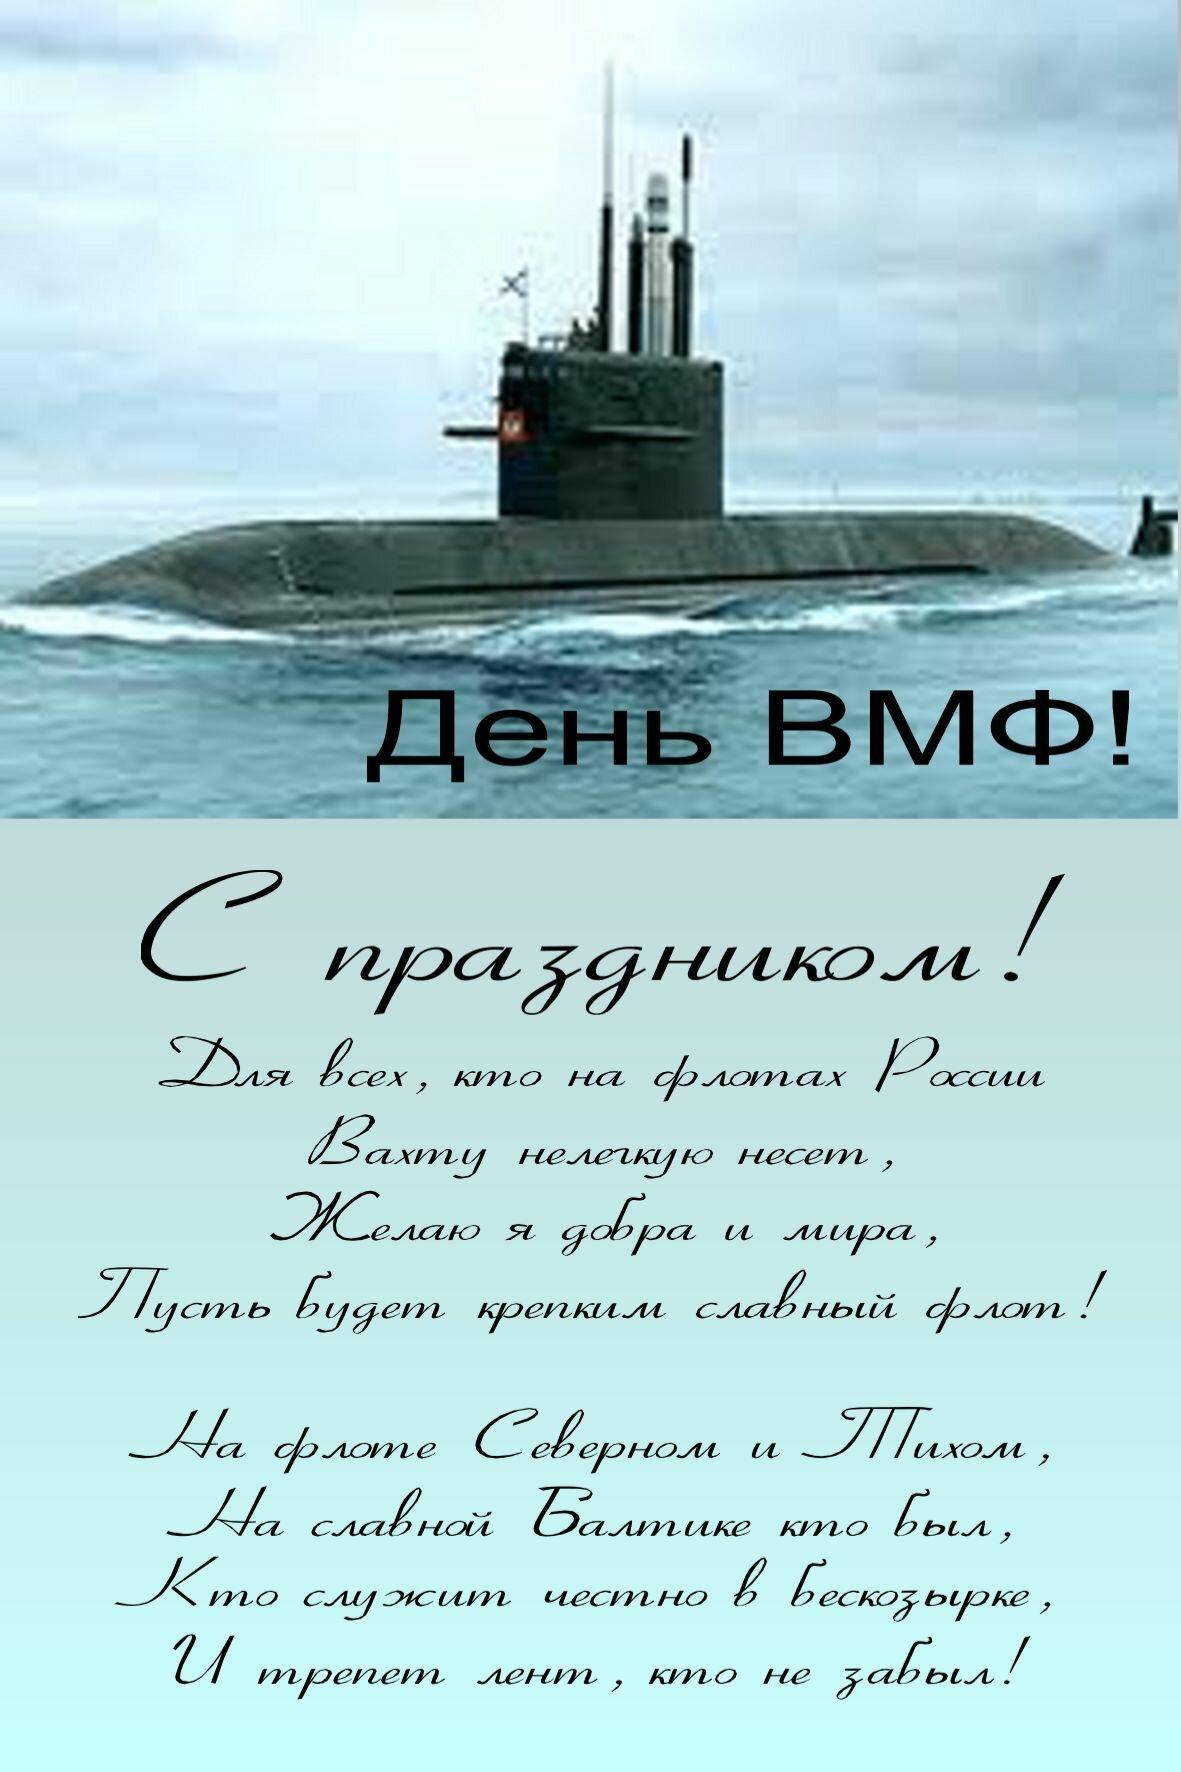 открытка ко дню вмф с подводной лодкой этом посте будет